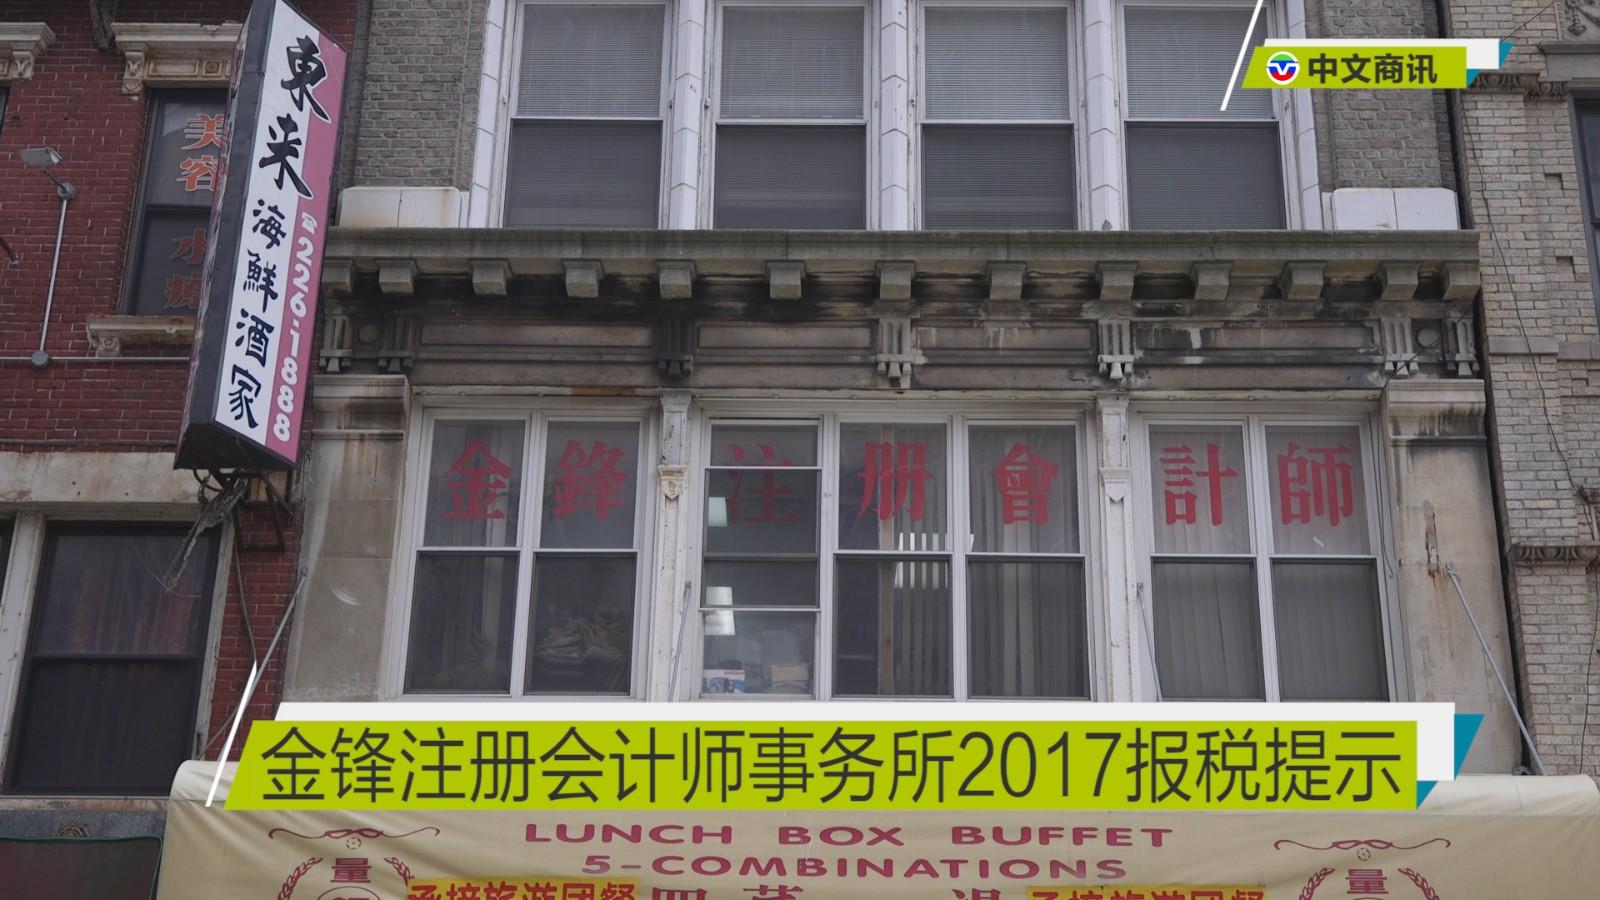 【视频】金锋注册会计师事务所2017报税提示